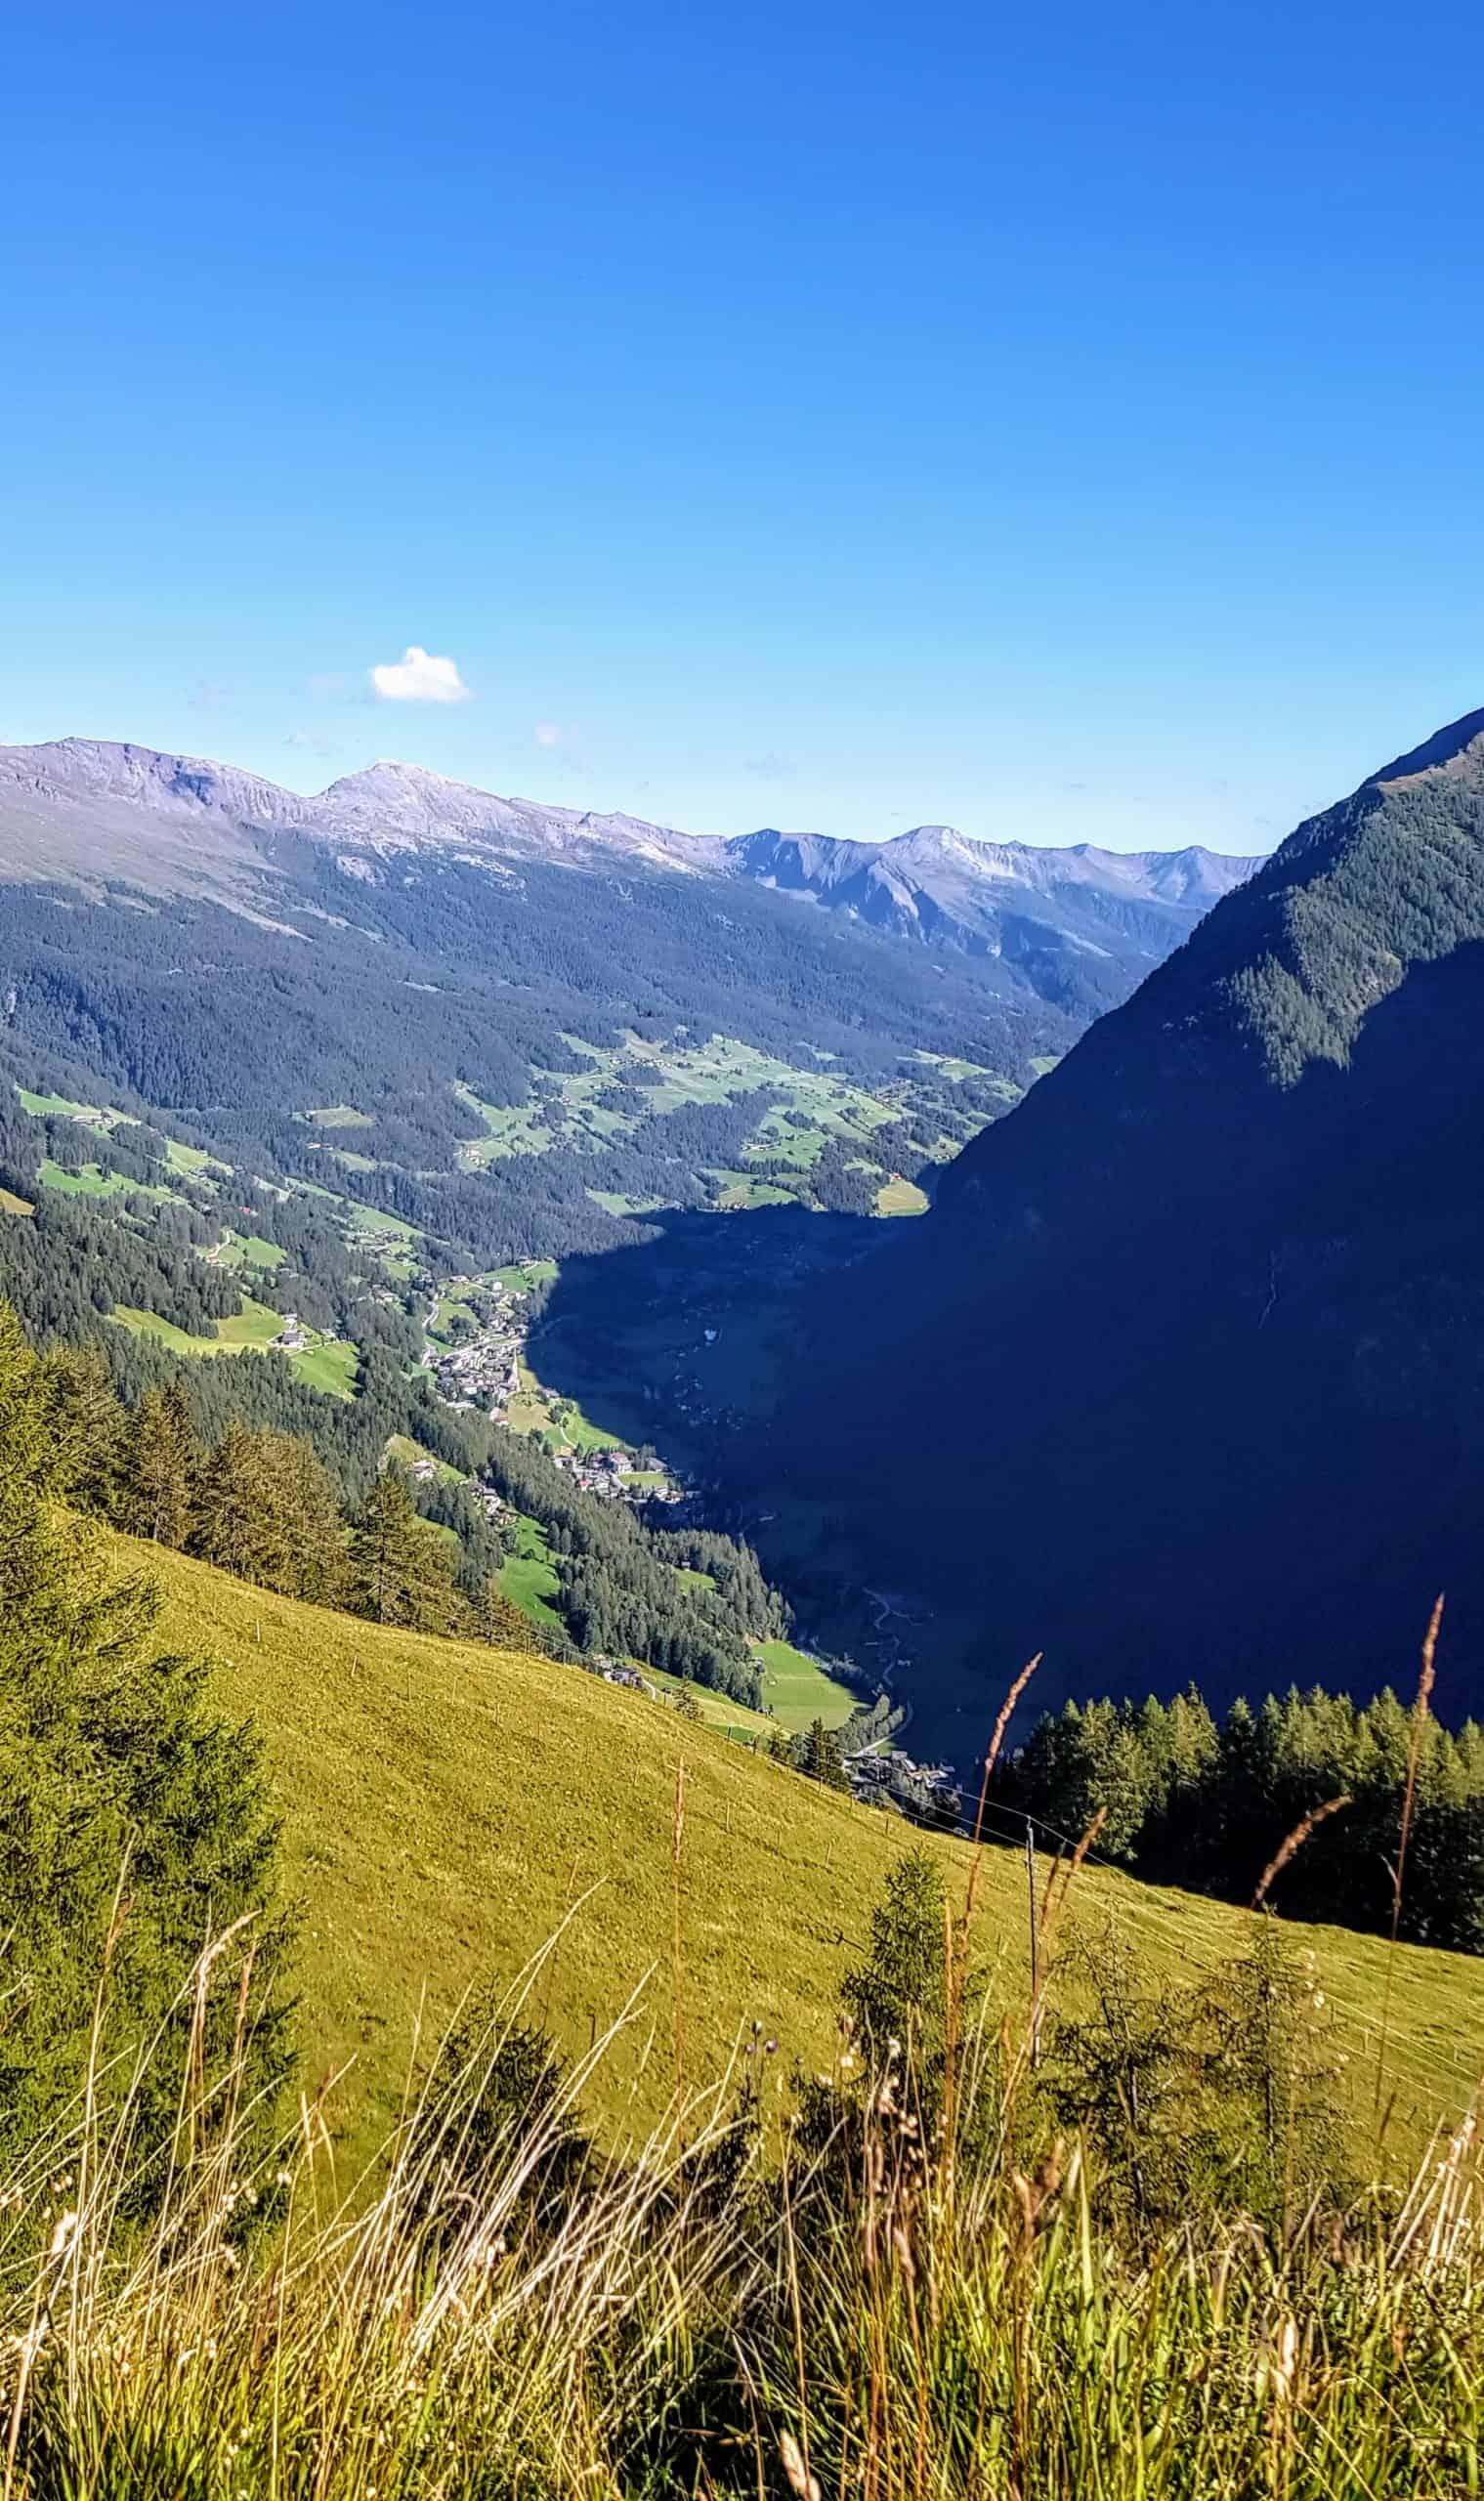 Blick auf das Mölltal in Kärnten von der Panoramastraße auf den Großglockner in Österreich im Herbst